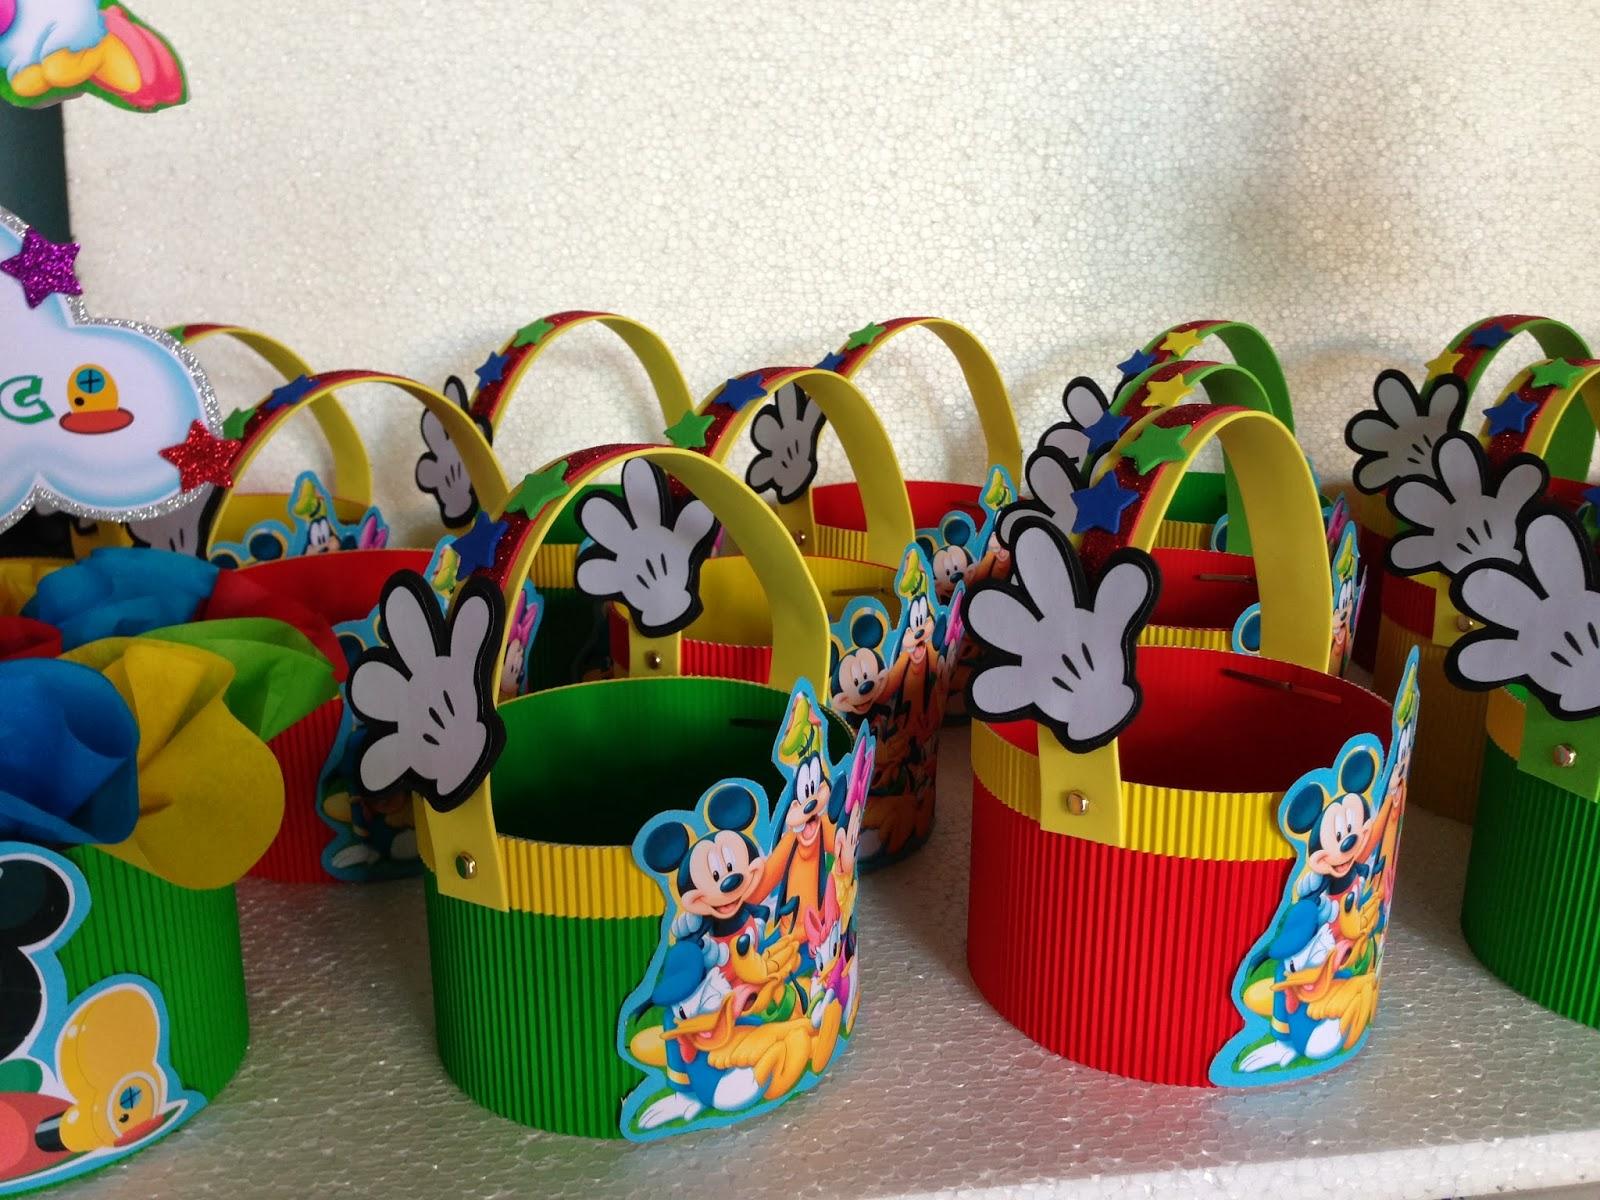 Decoraciones infantiles la casa de mickey mouse - Decoracion para cumpleanos infantiles en casa ...